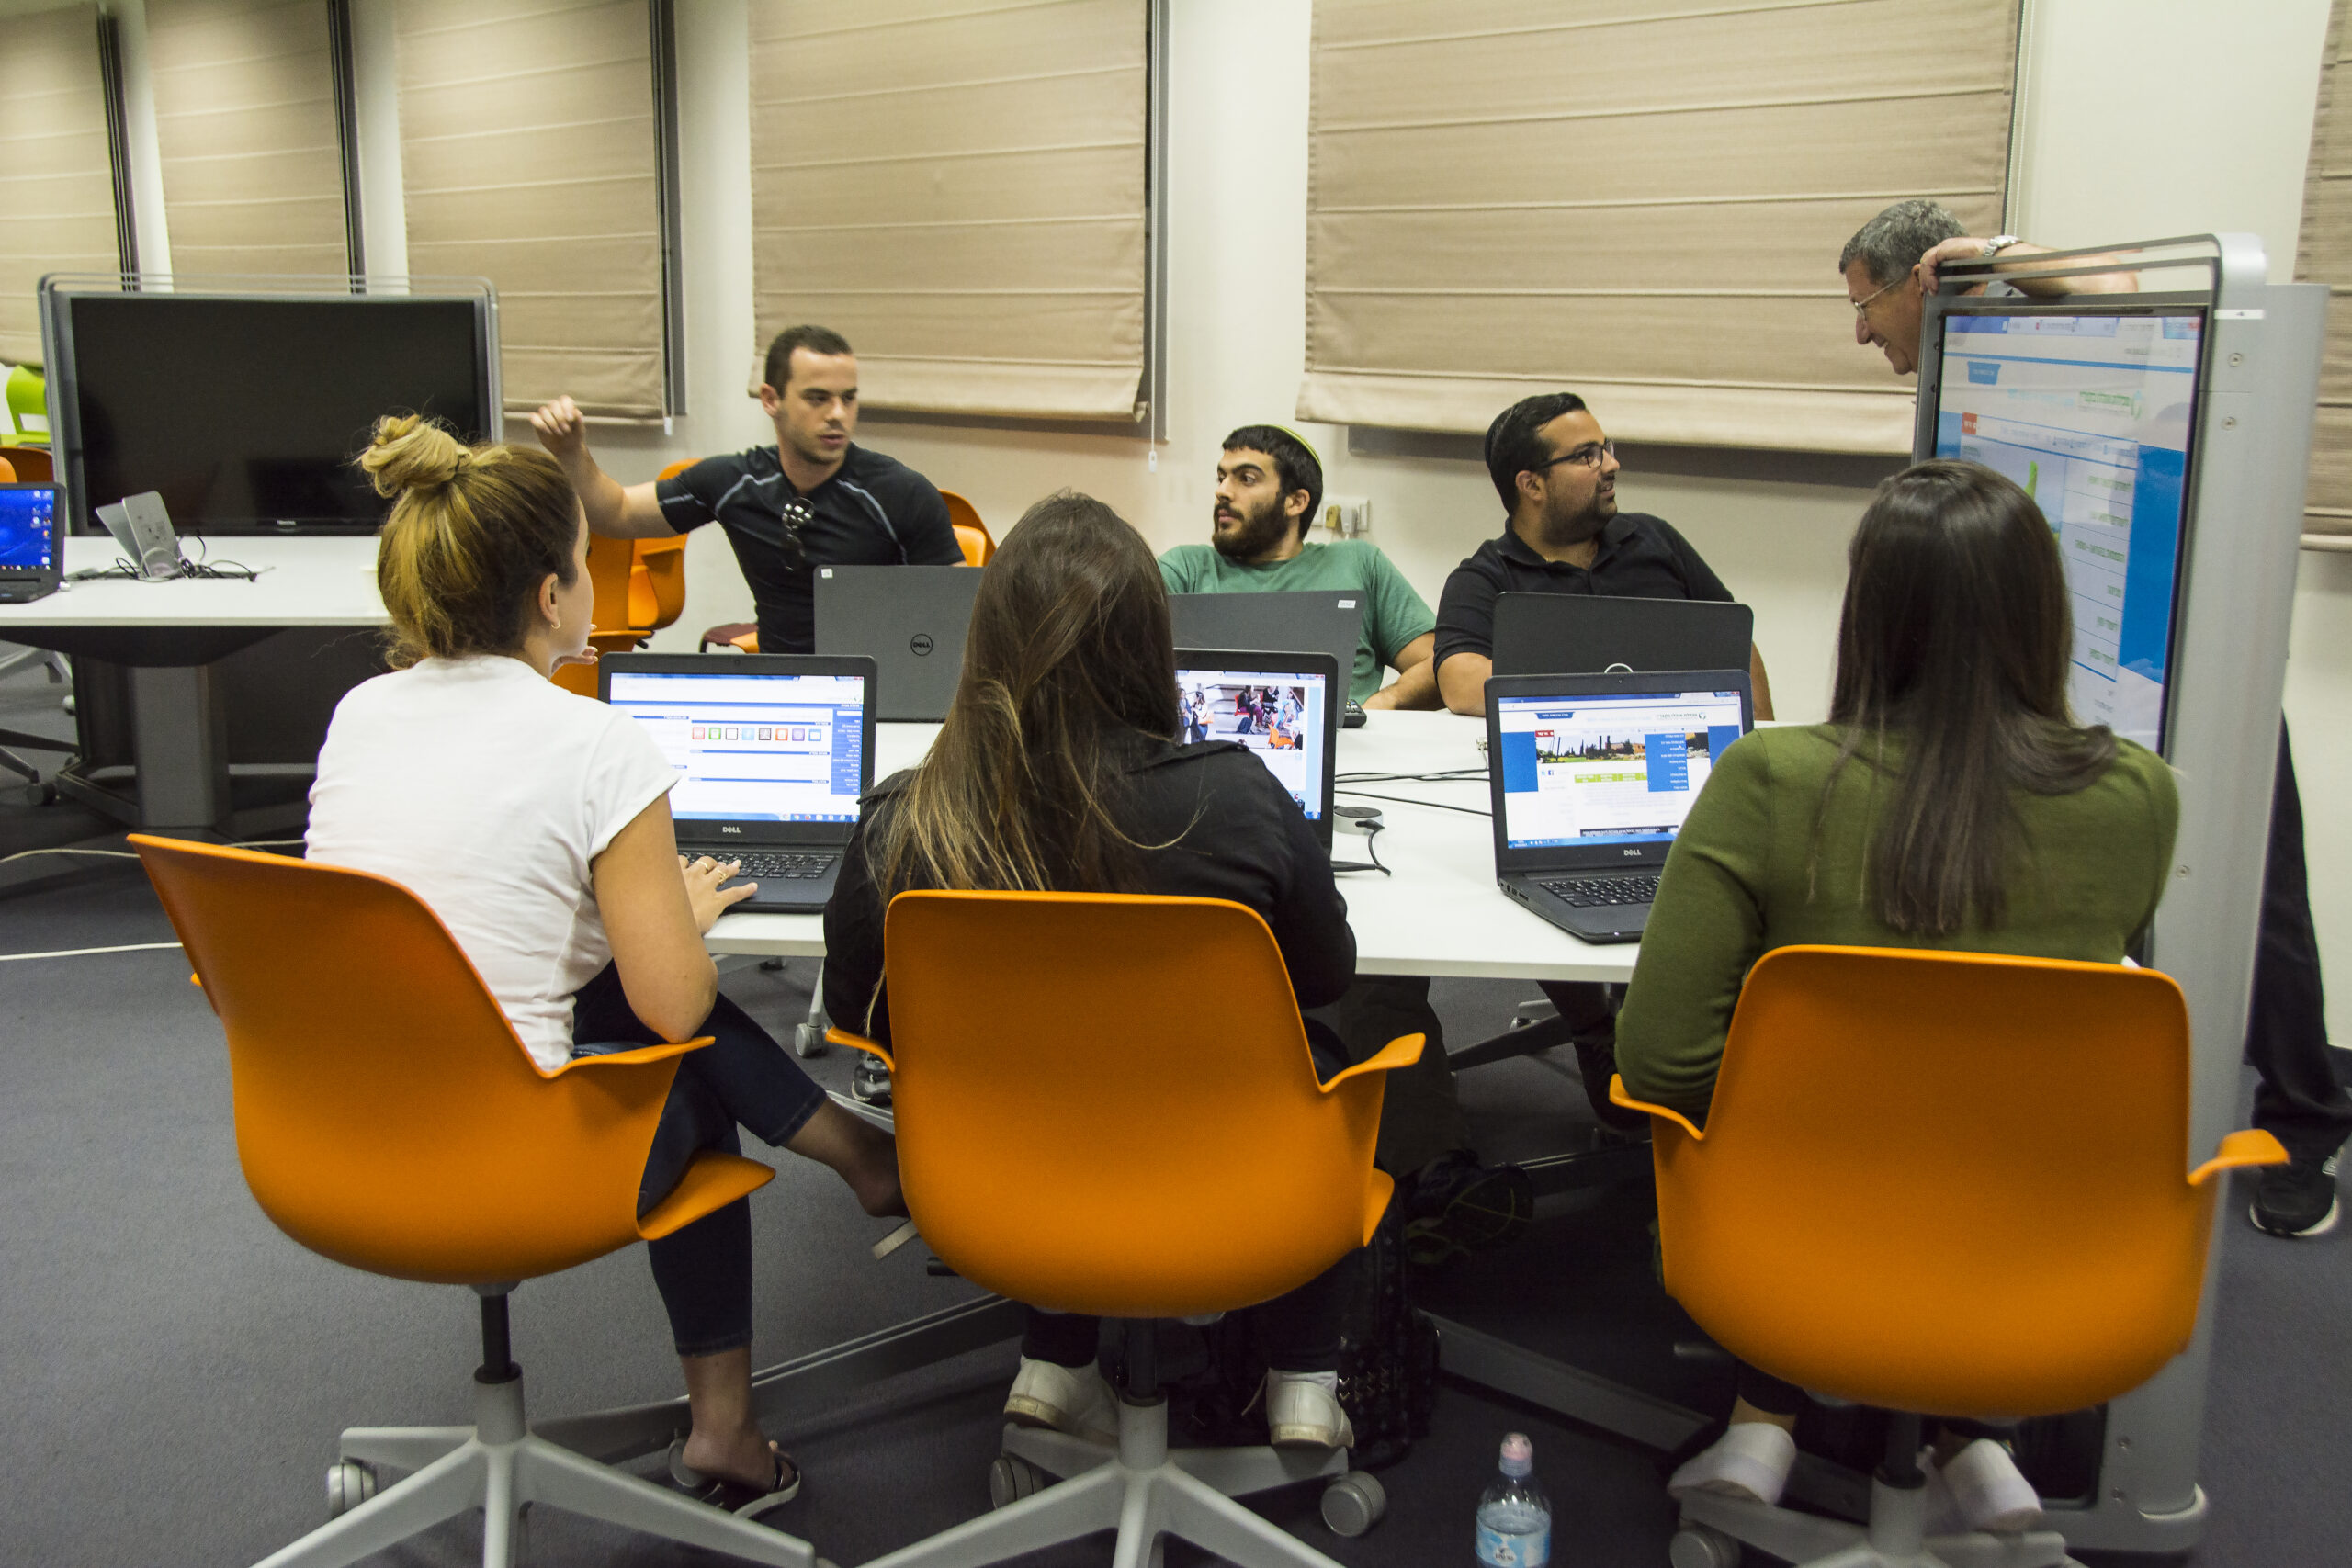 המכללה האקדמית תל חי מכשירה את דור העתיד למורים באנגלית